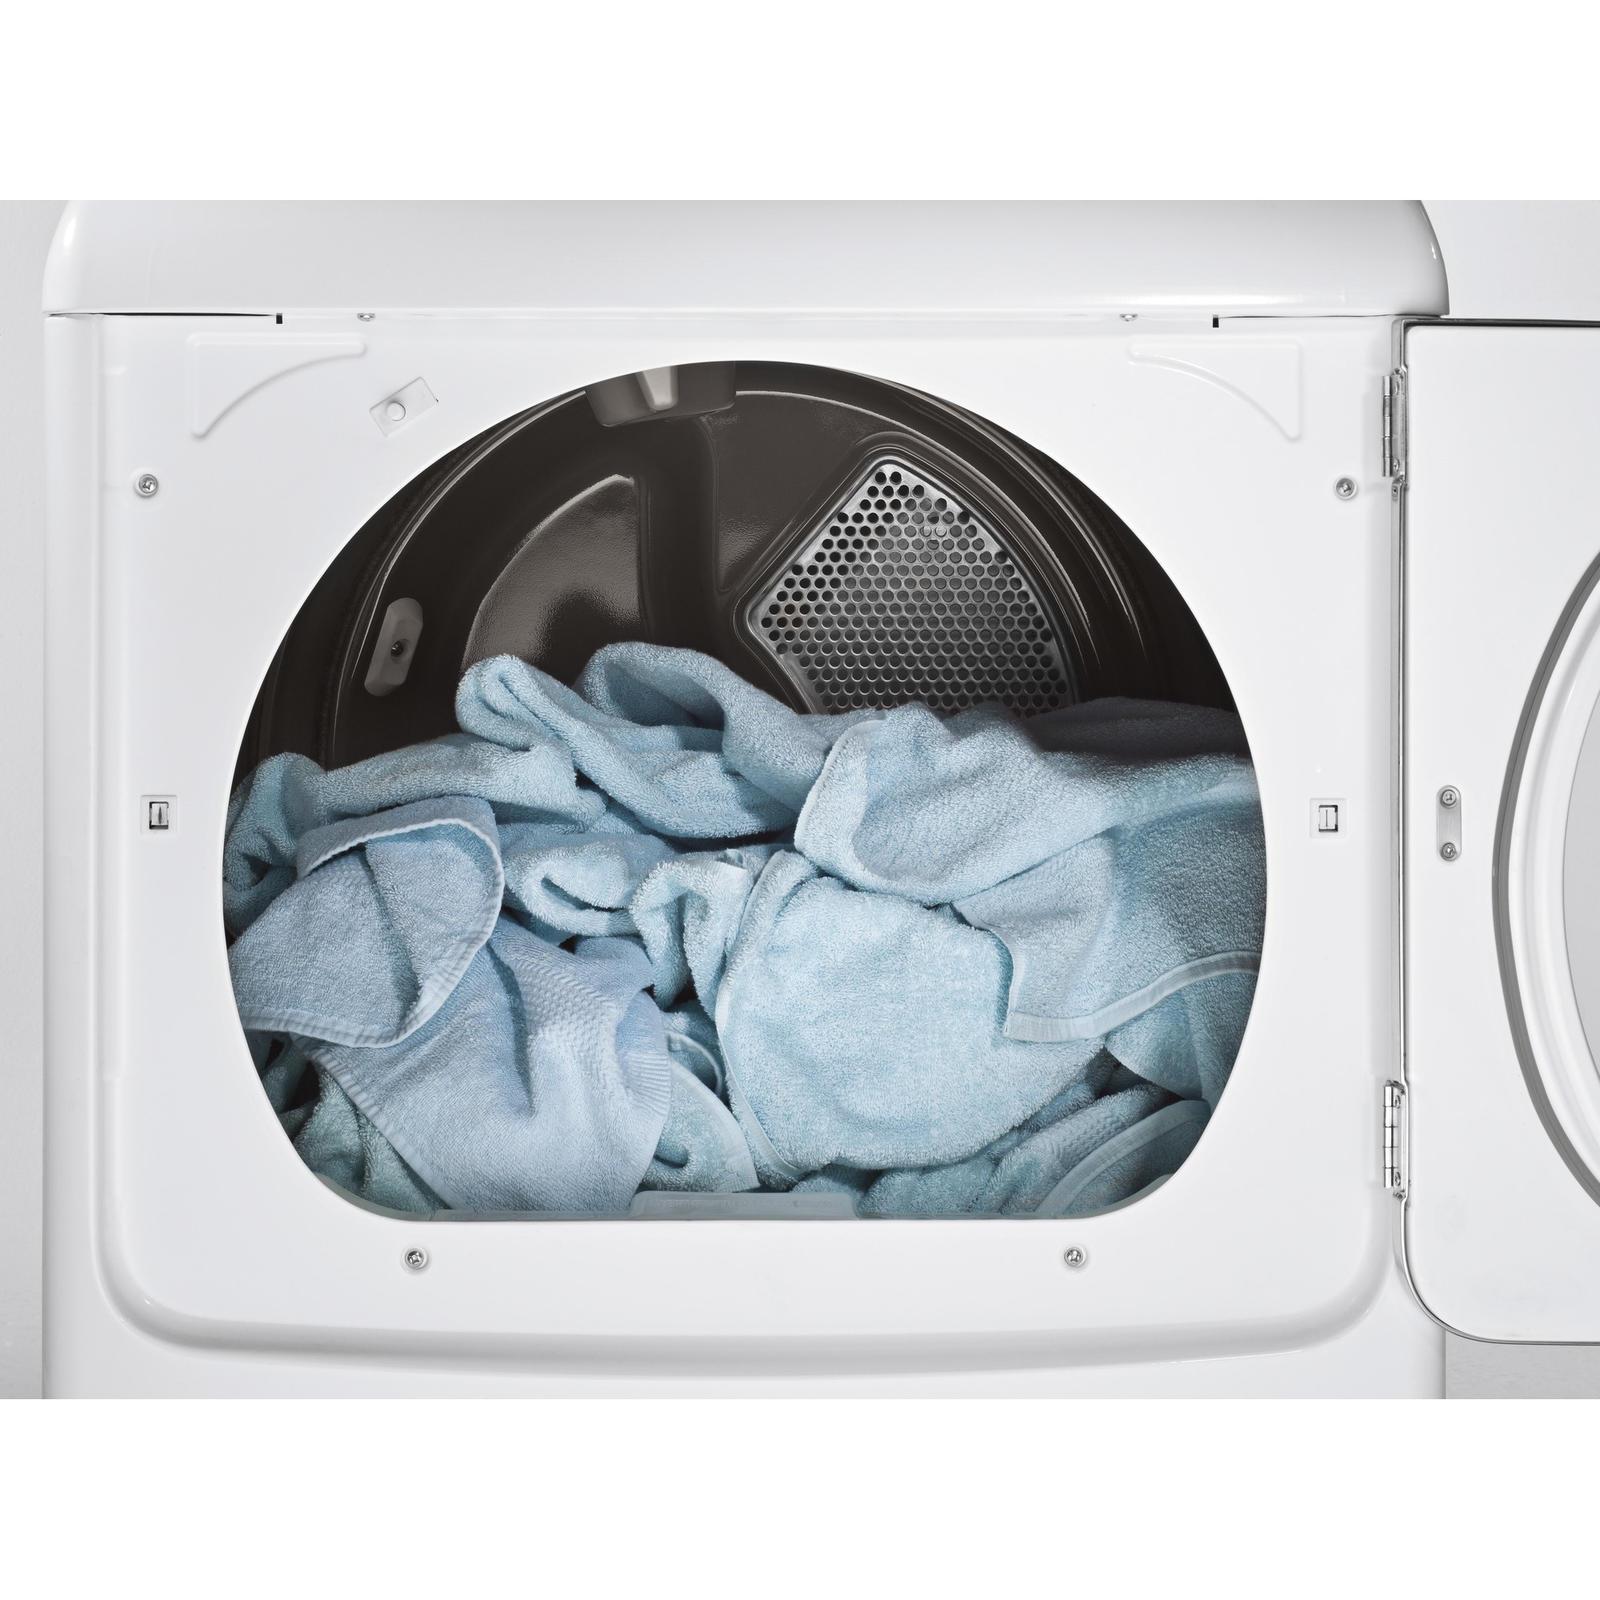 GE Appliances GTD81GSSJWS 7.8 cu. ft. Gas Dryer - White